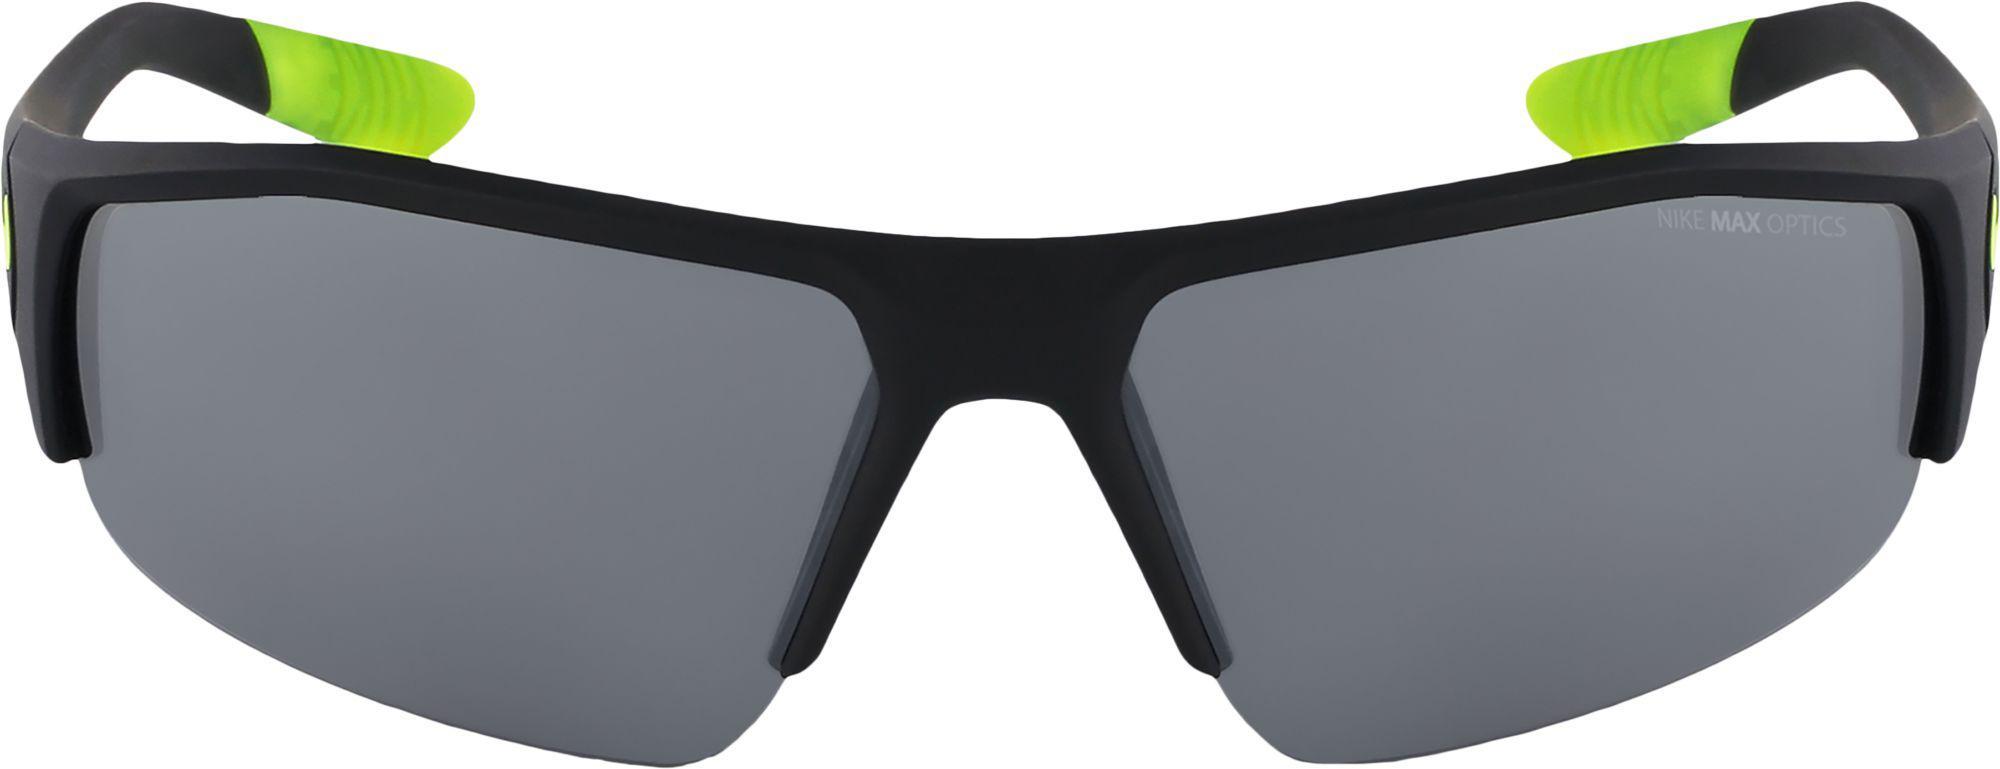 6c7c0ee2d9c Nike - Black Skylon Ace Xv Sunglasses for Men - Lyst. View fullscreen